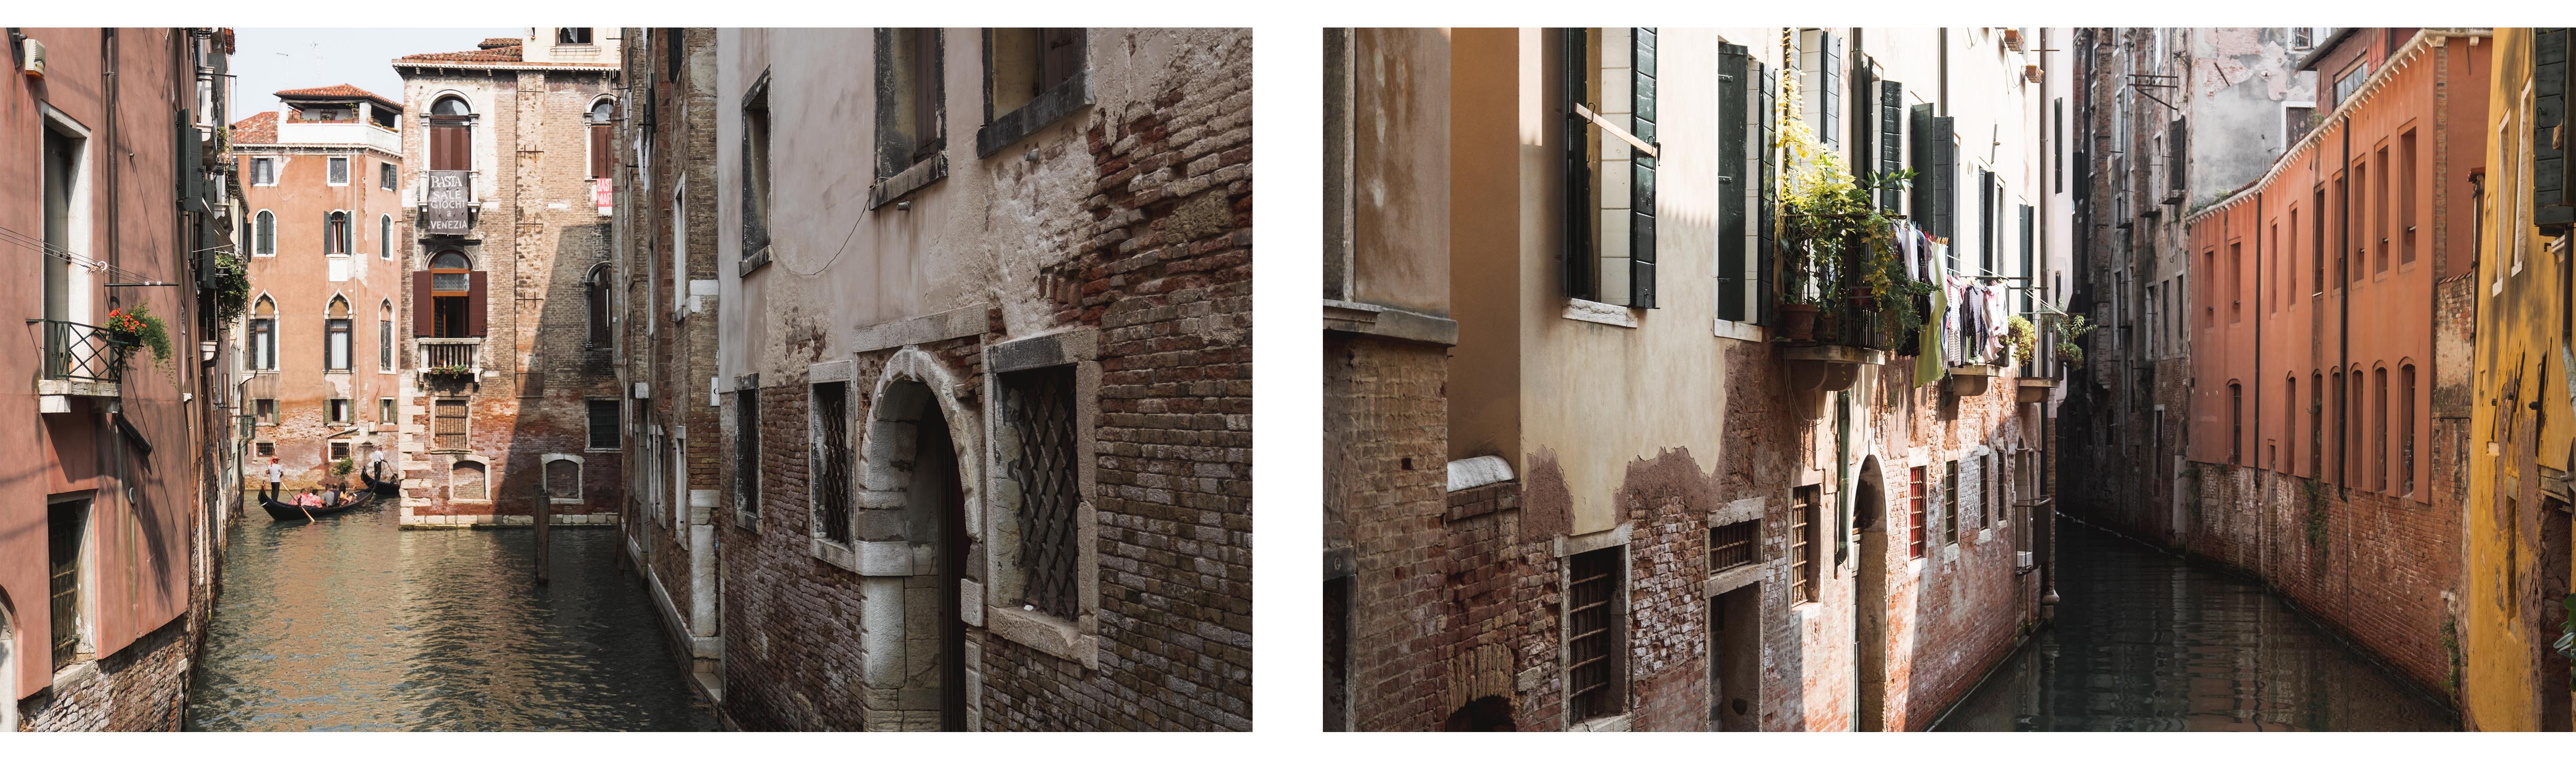 Une journee a Venise -Ruelles-2